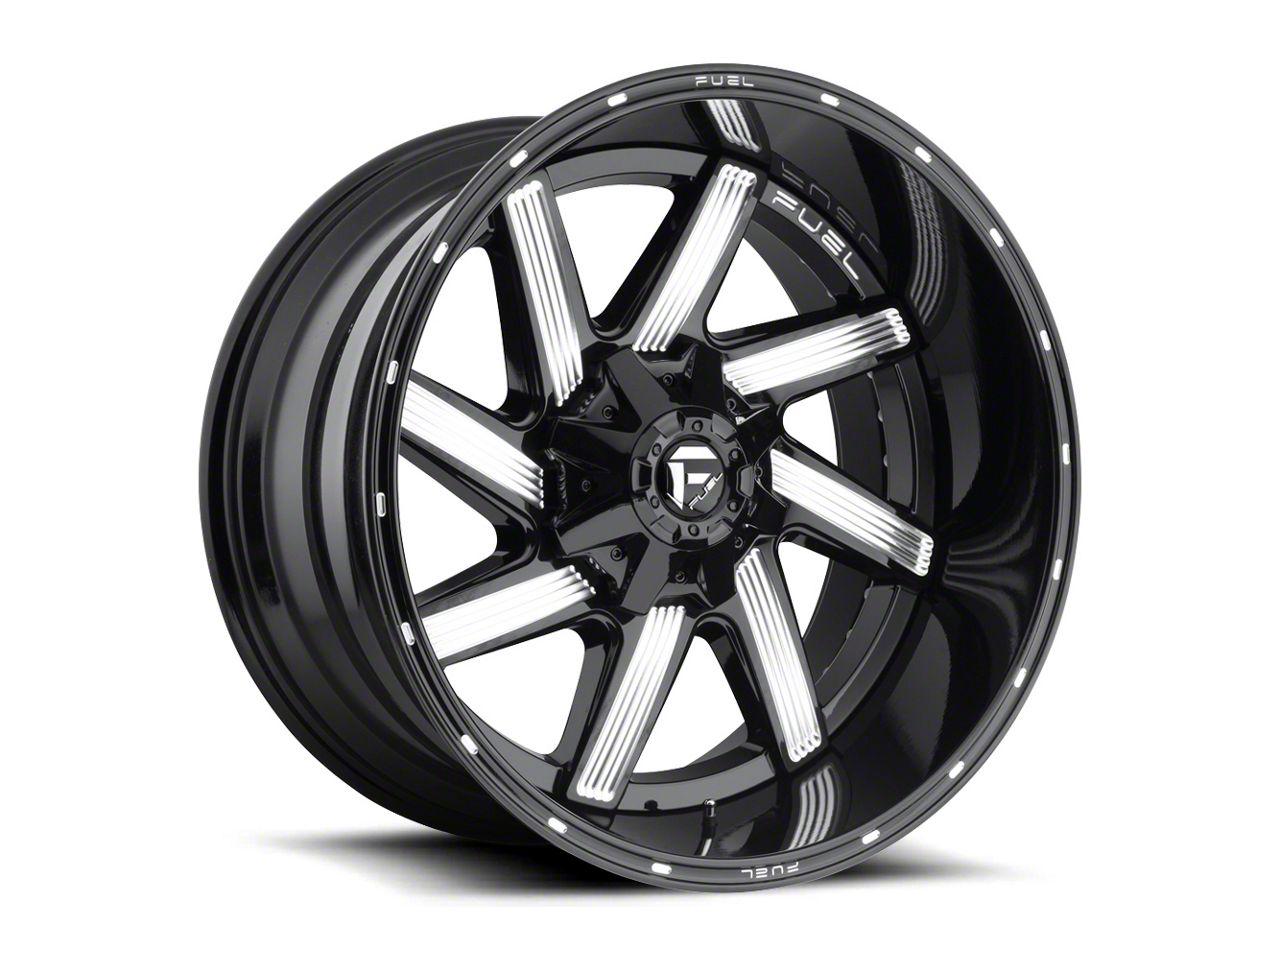 Fuel Wheels Moab Gloss Black Milled 6-Lug Wheel - 20x9 (99-18 Silverado 1500)